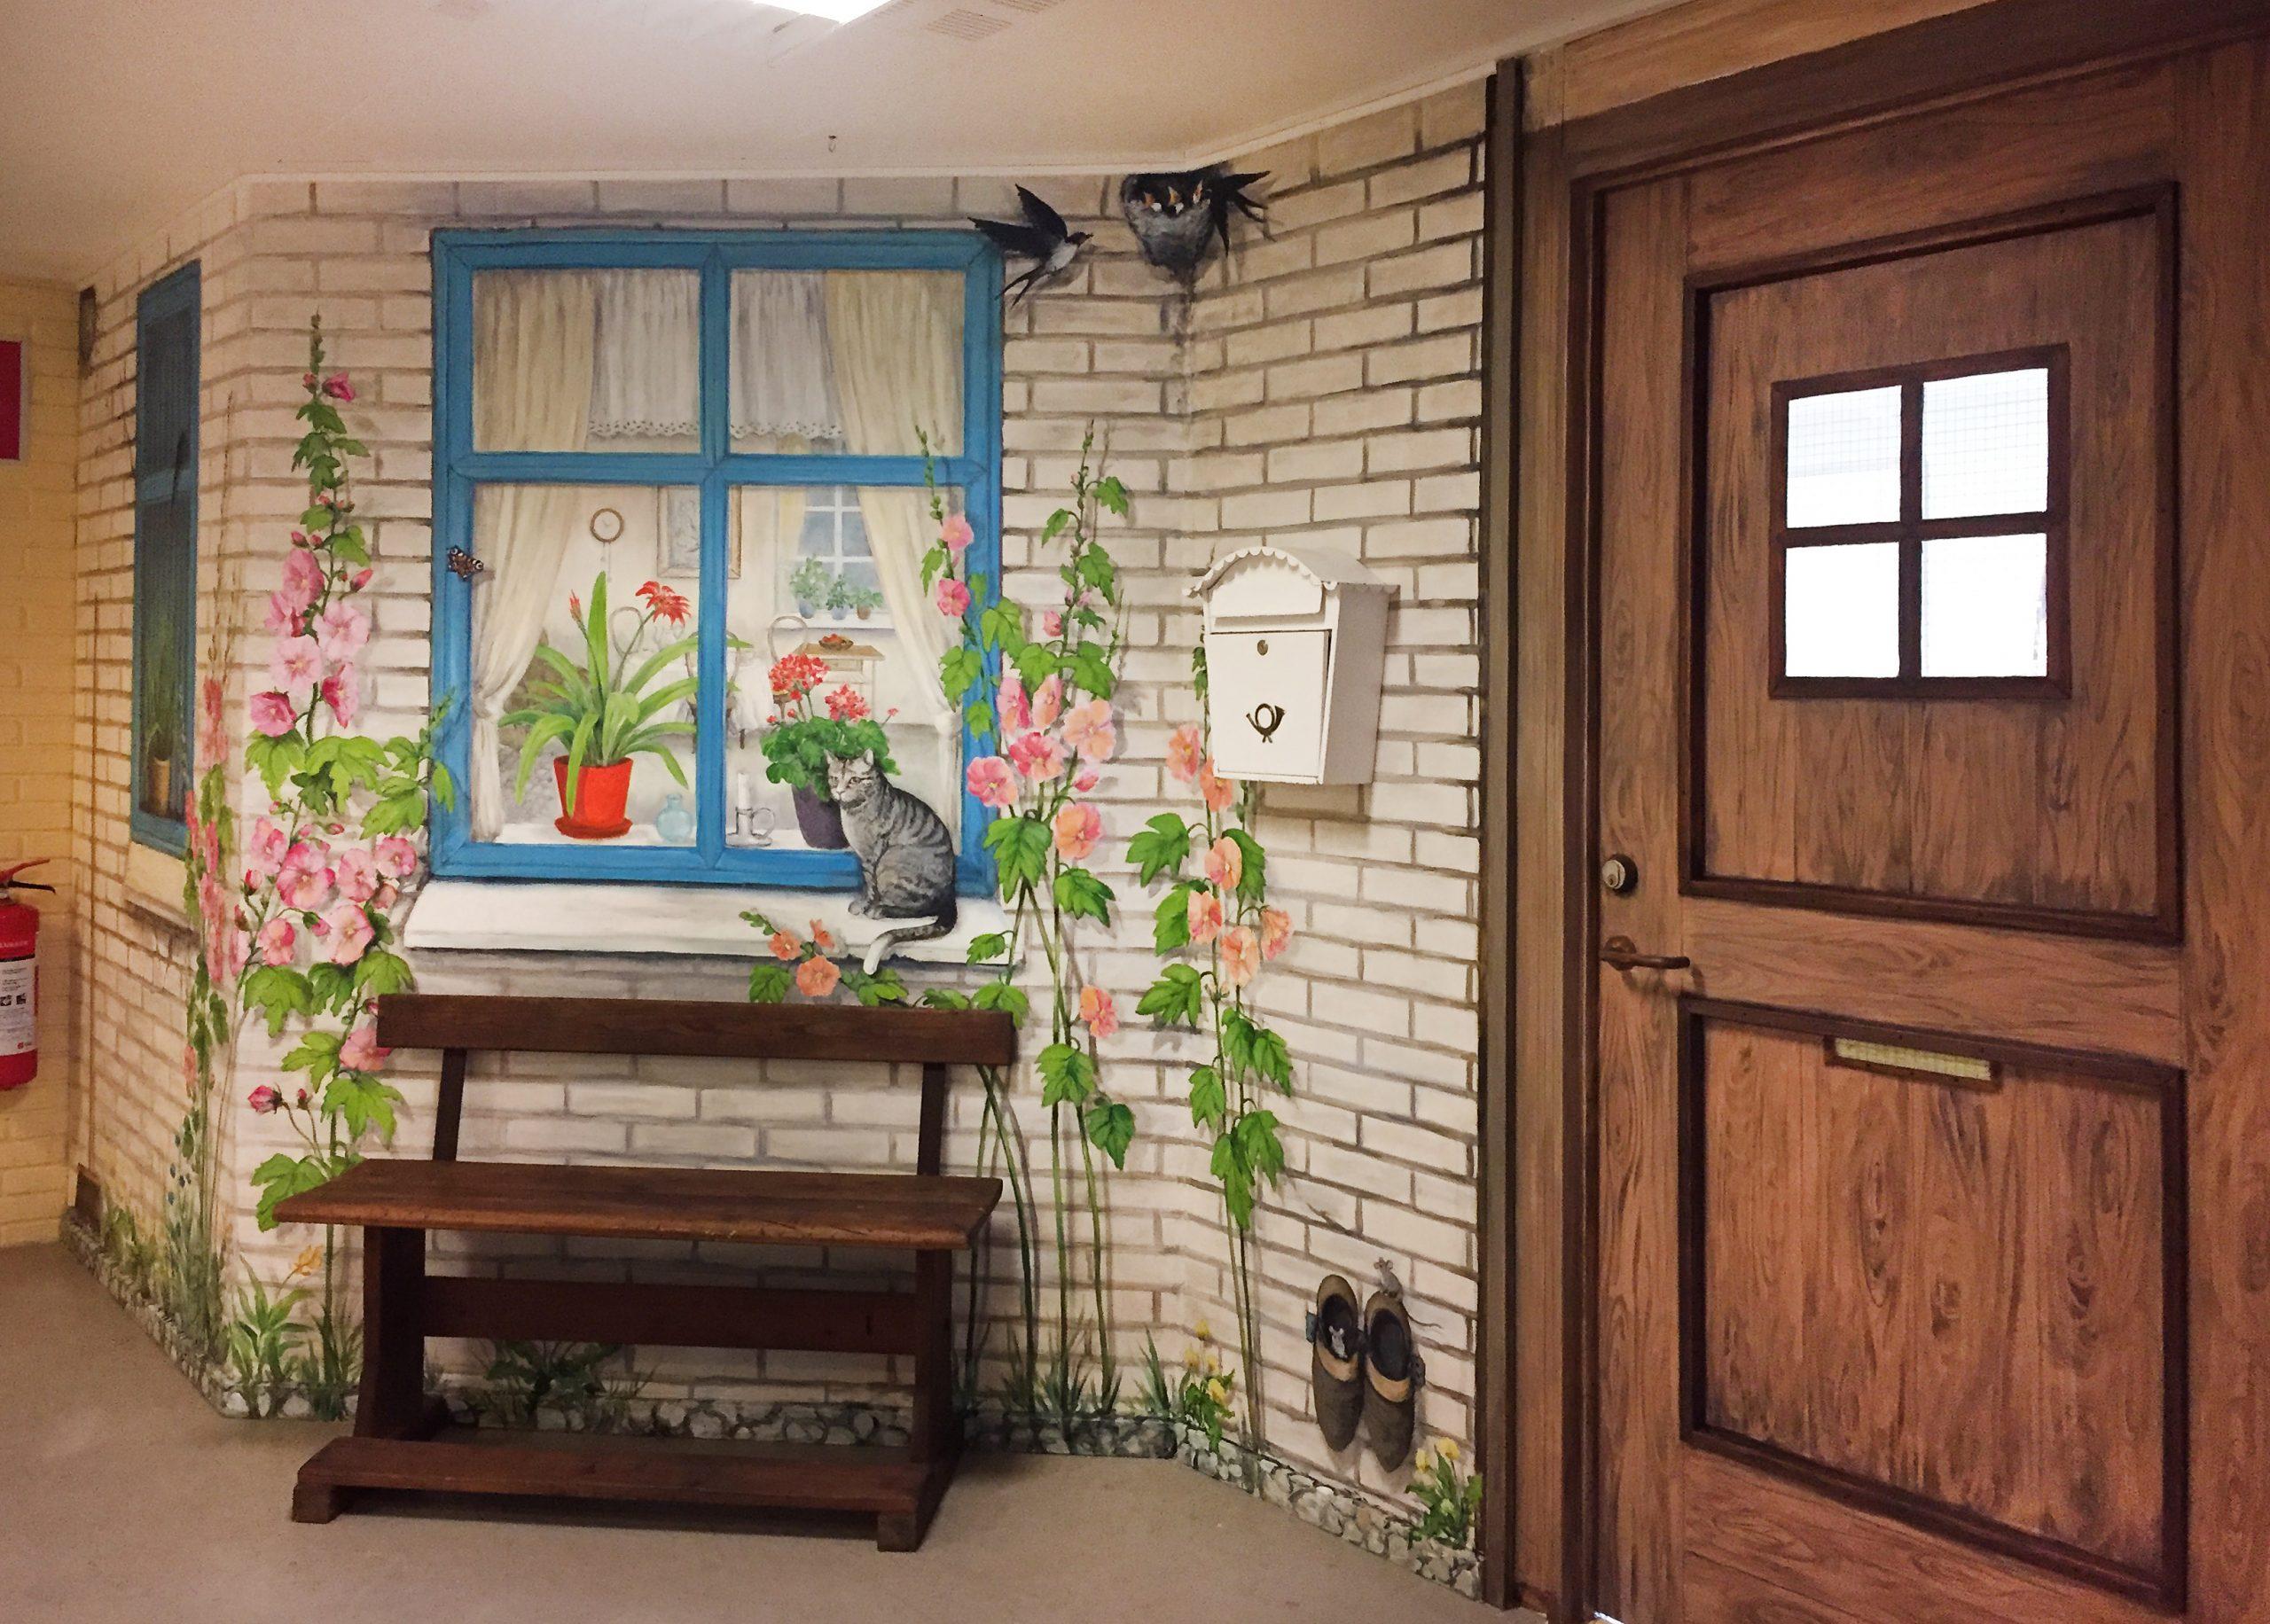 Vægmaleri af glasdør og murværk på Suldrup Ældrecenter 2